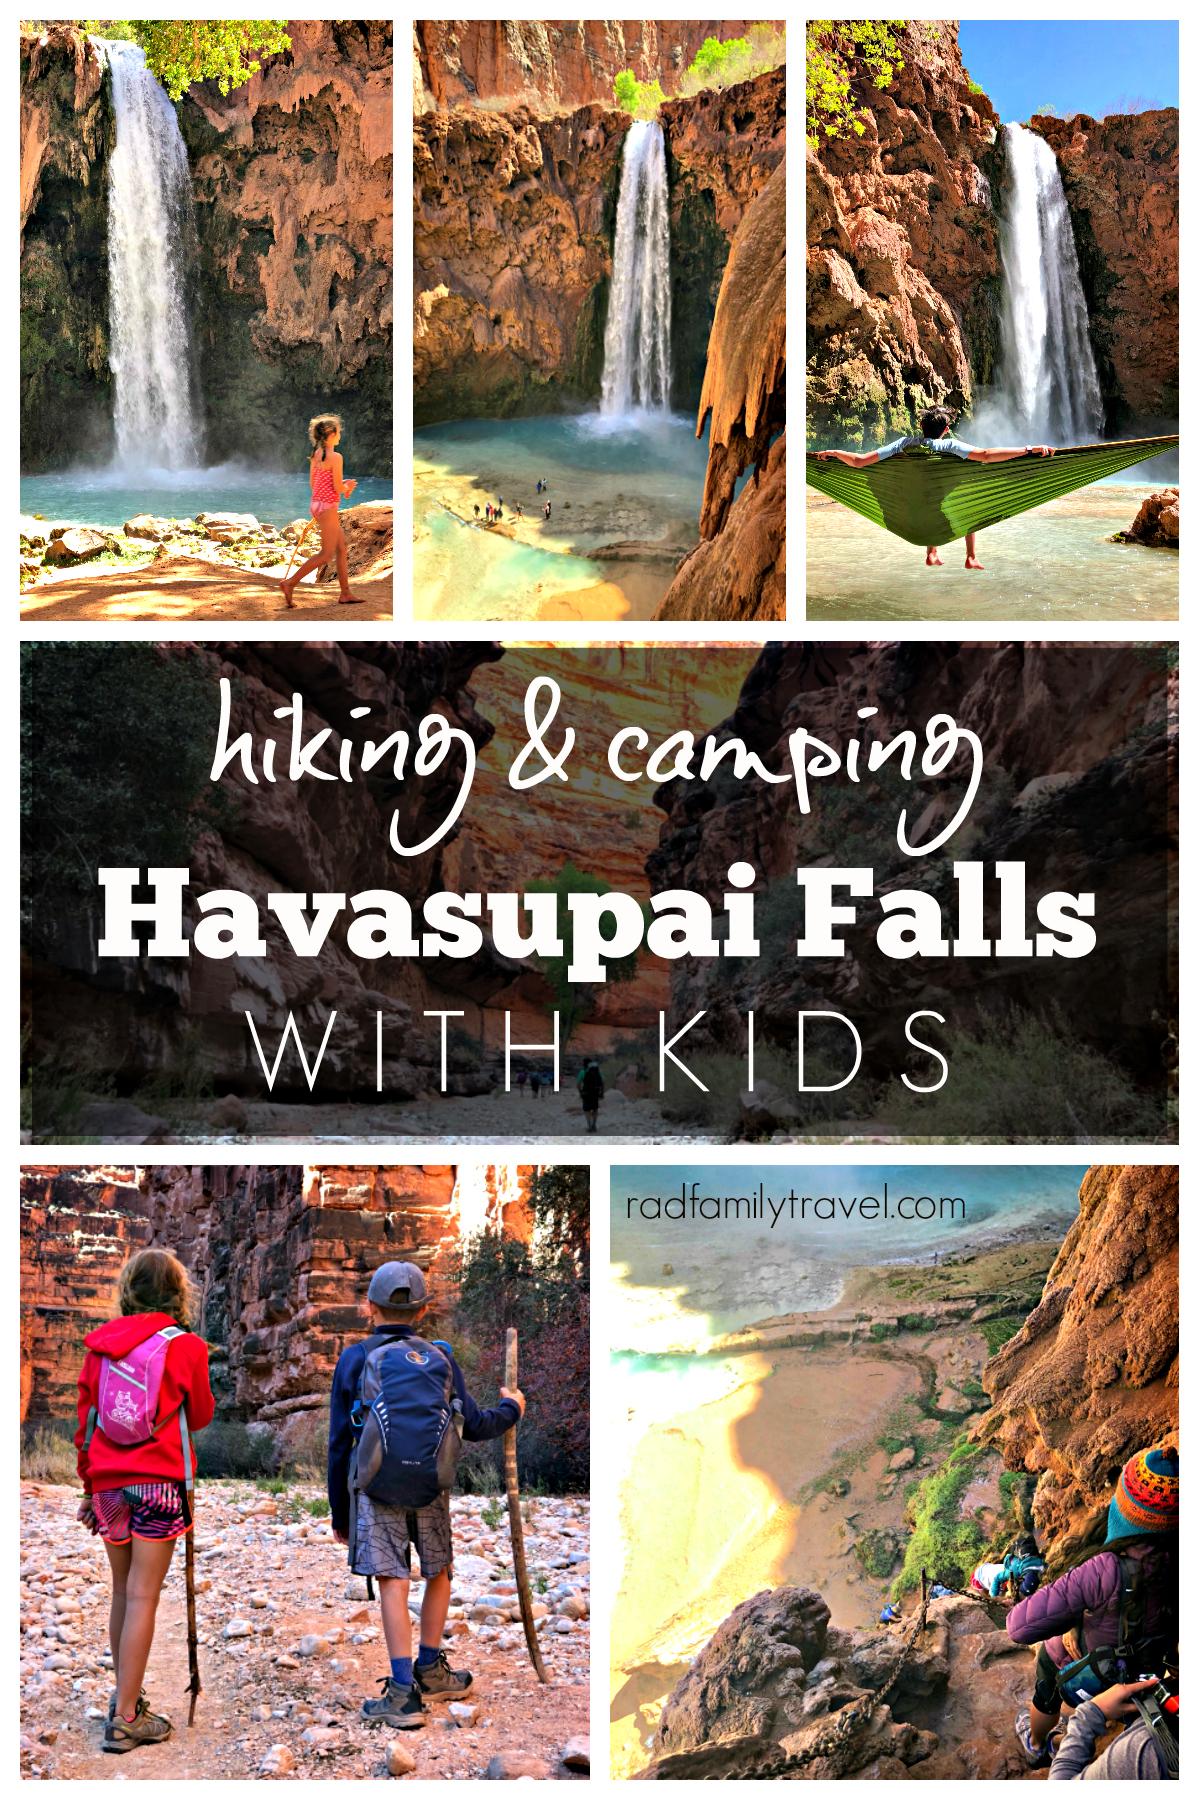 havasupai falls arizona with kids